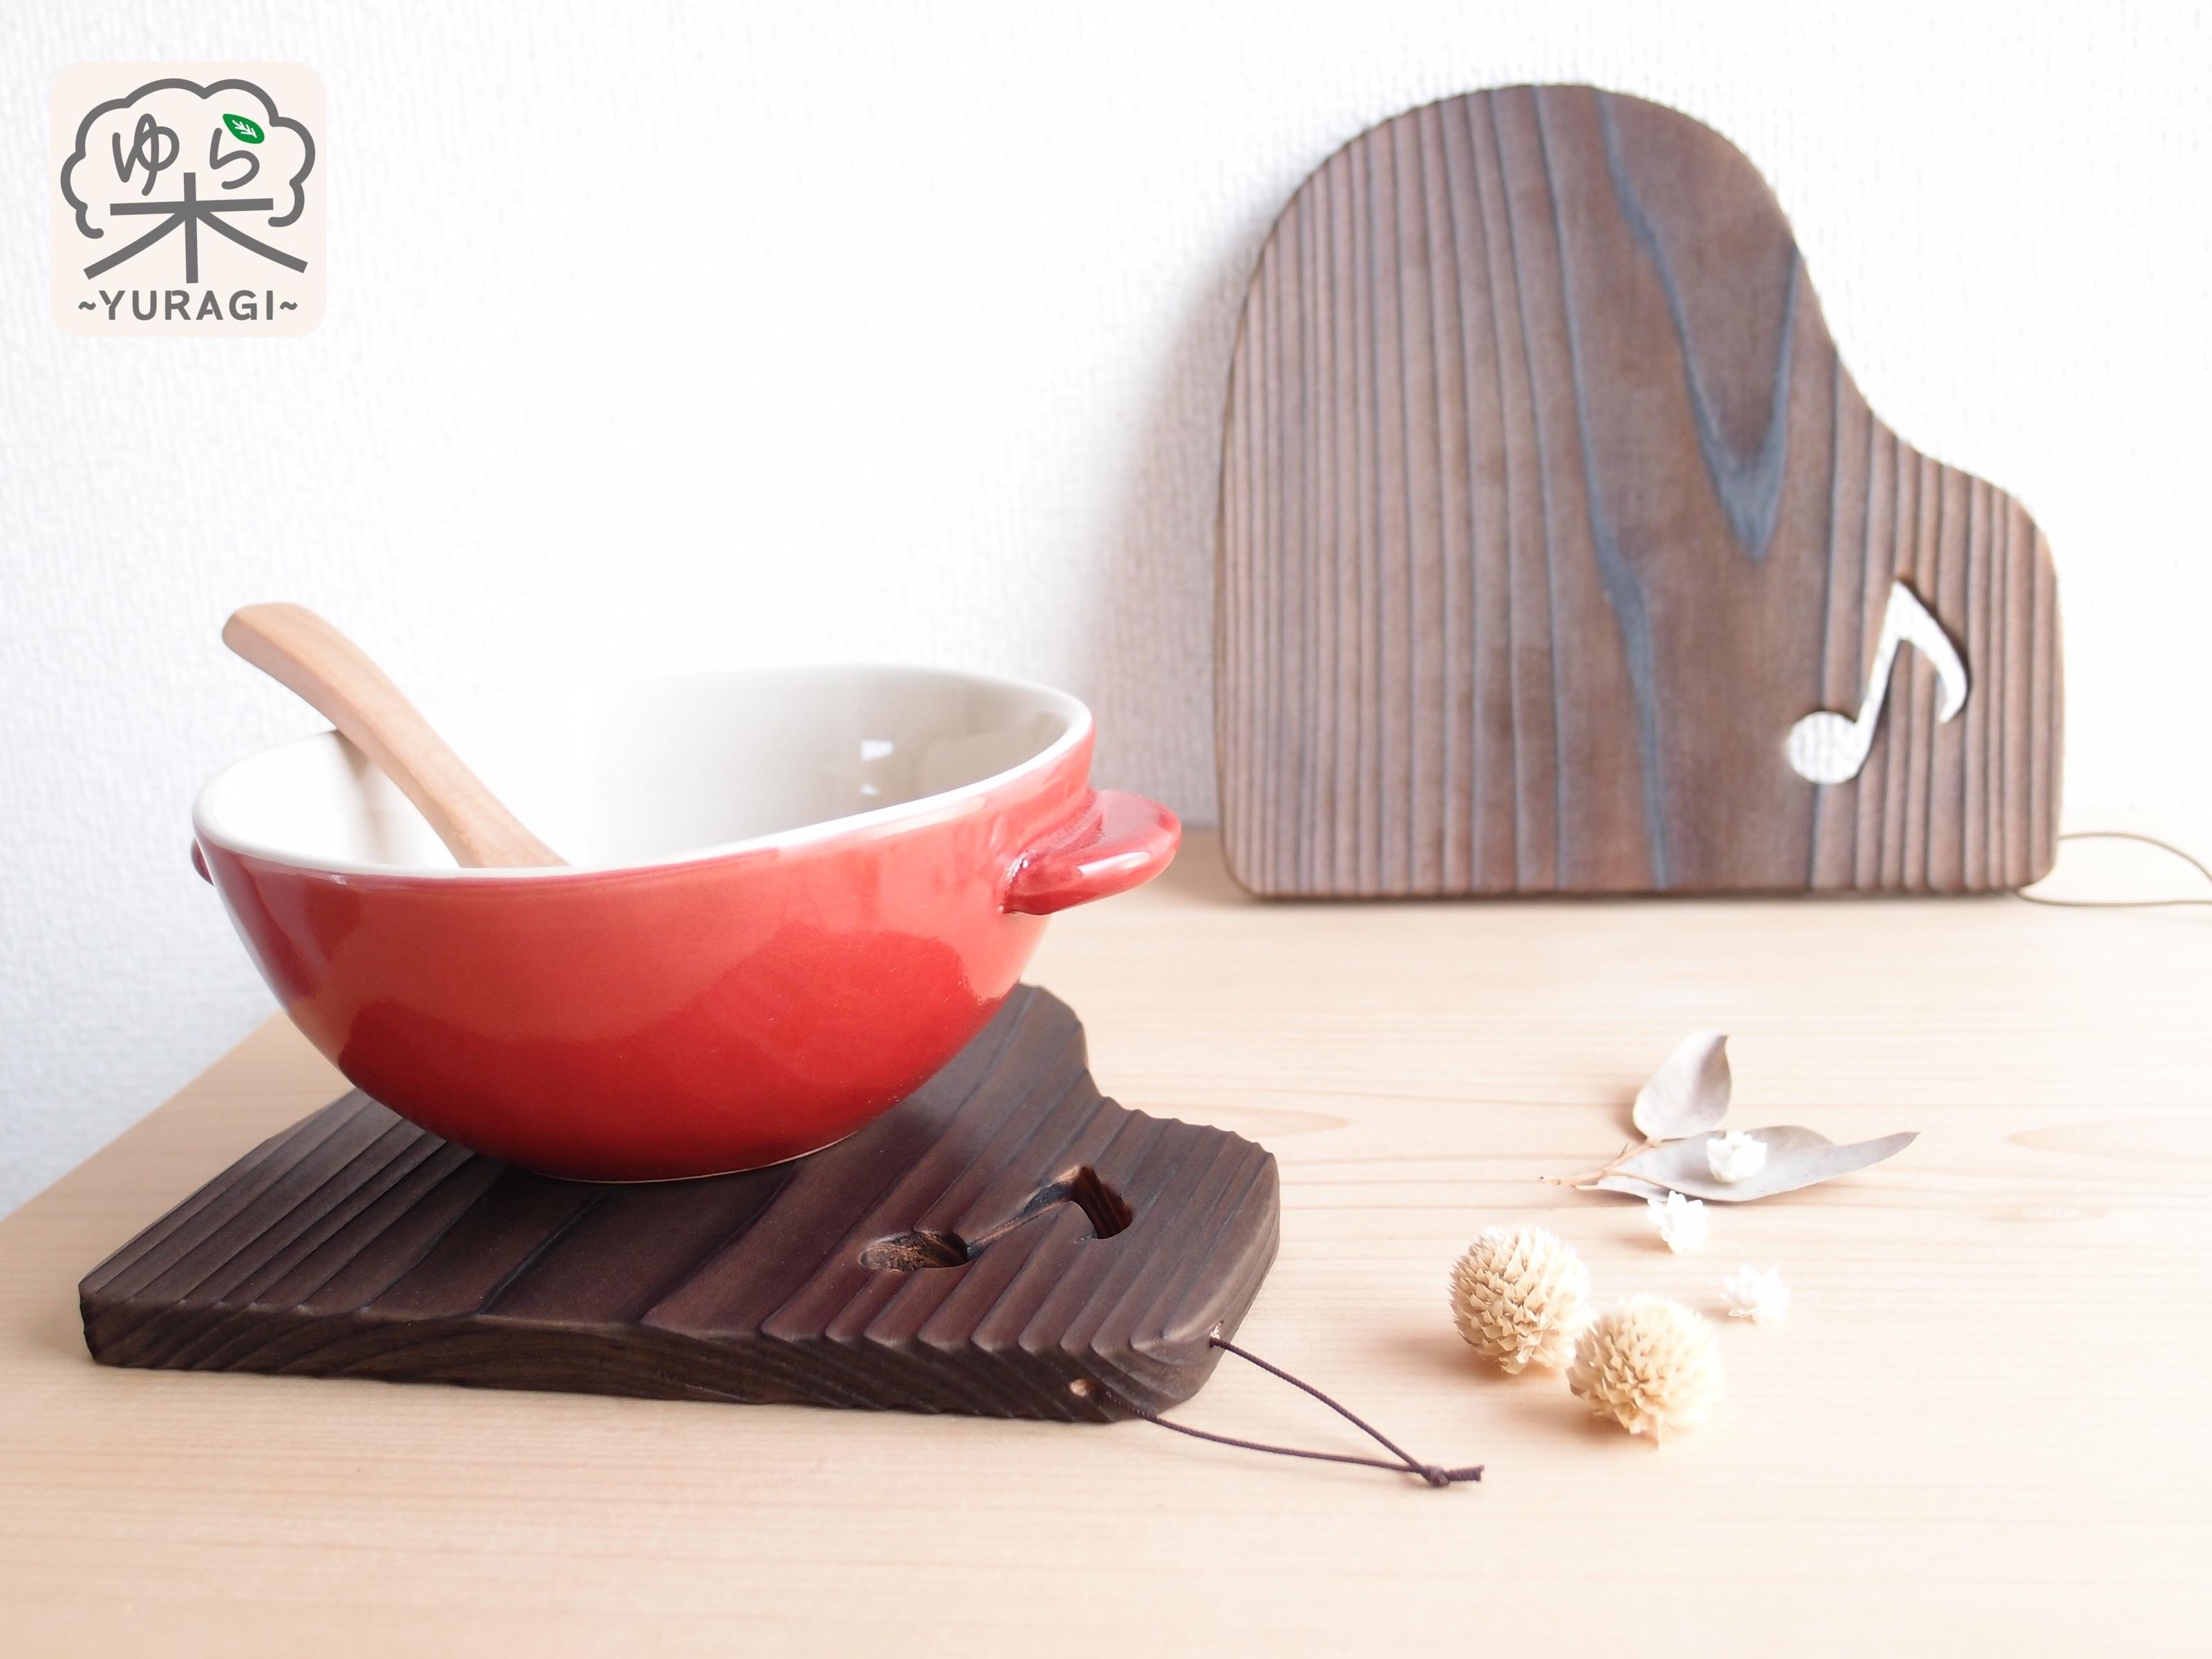 [単品]【ひも付き】ピアノ鍋敷き Lサイズ   ~発表会記念品として♪~